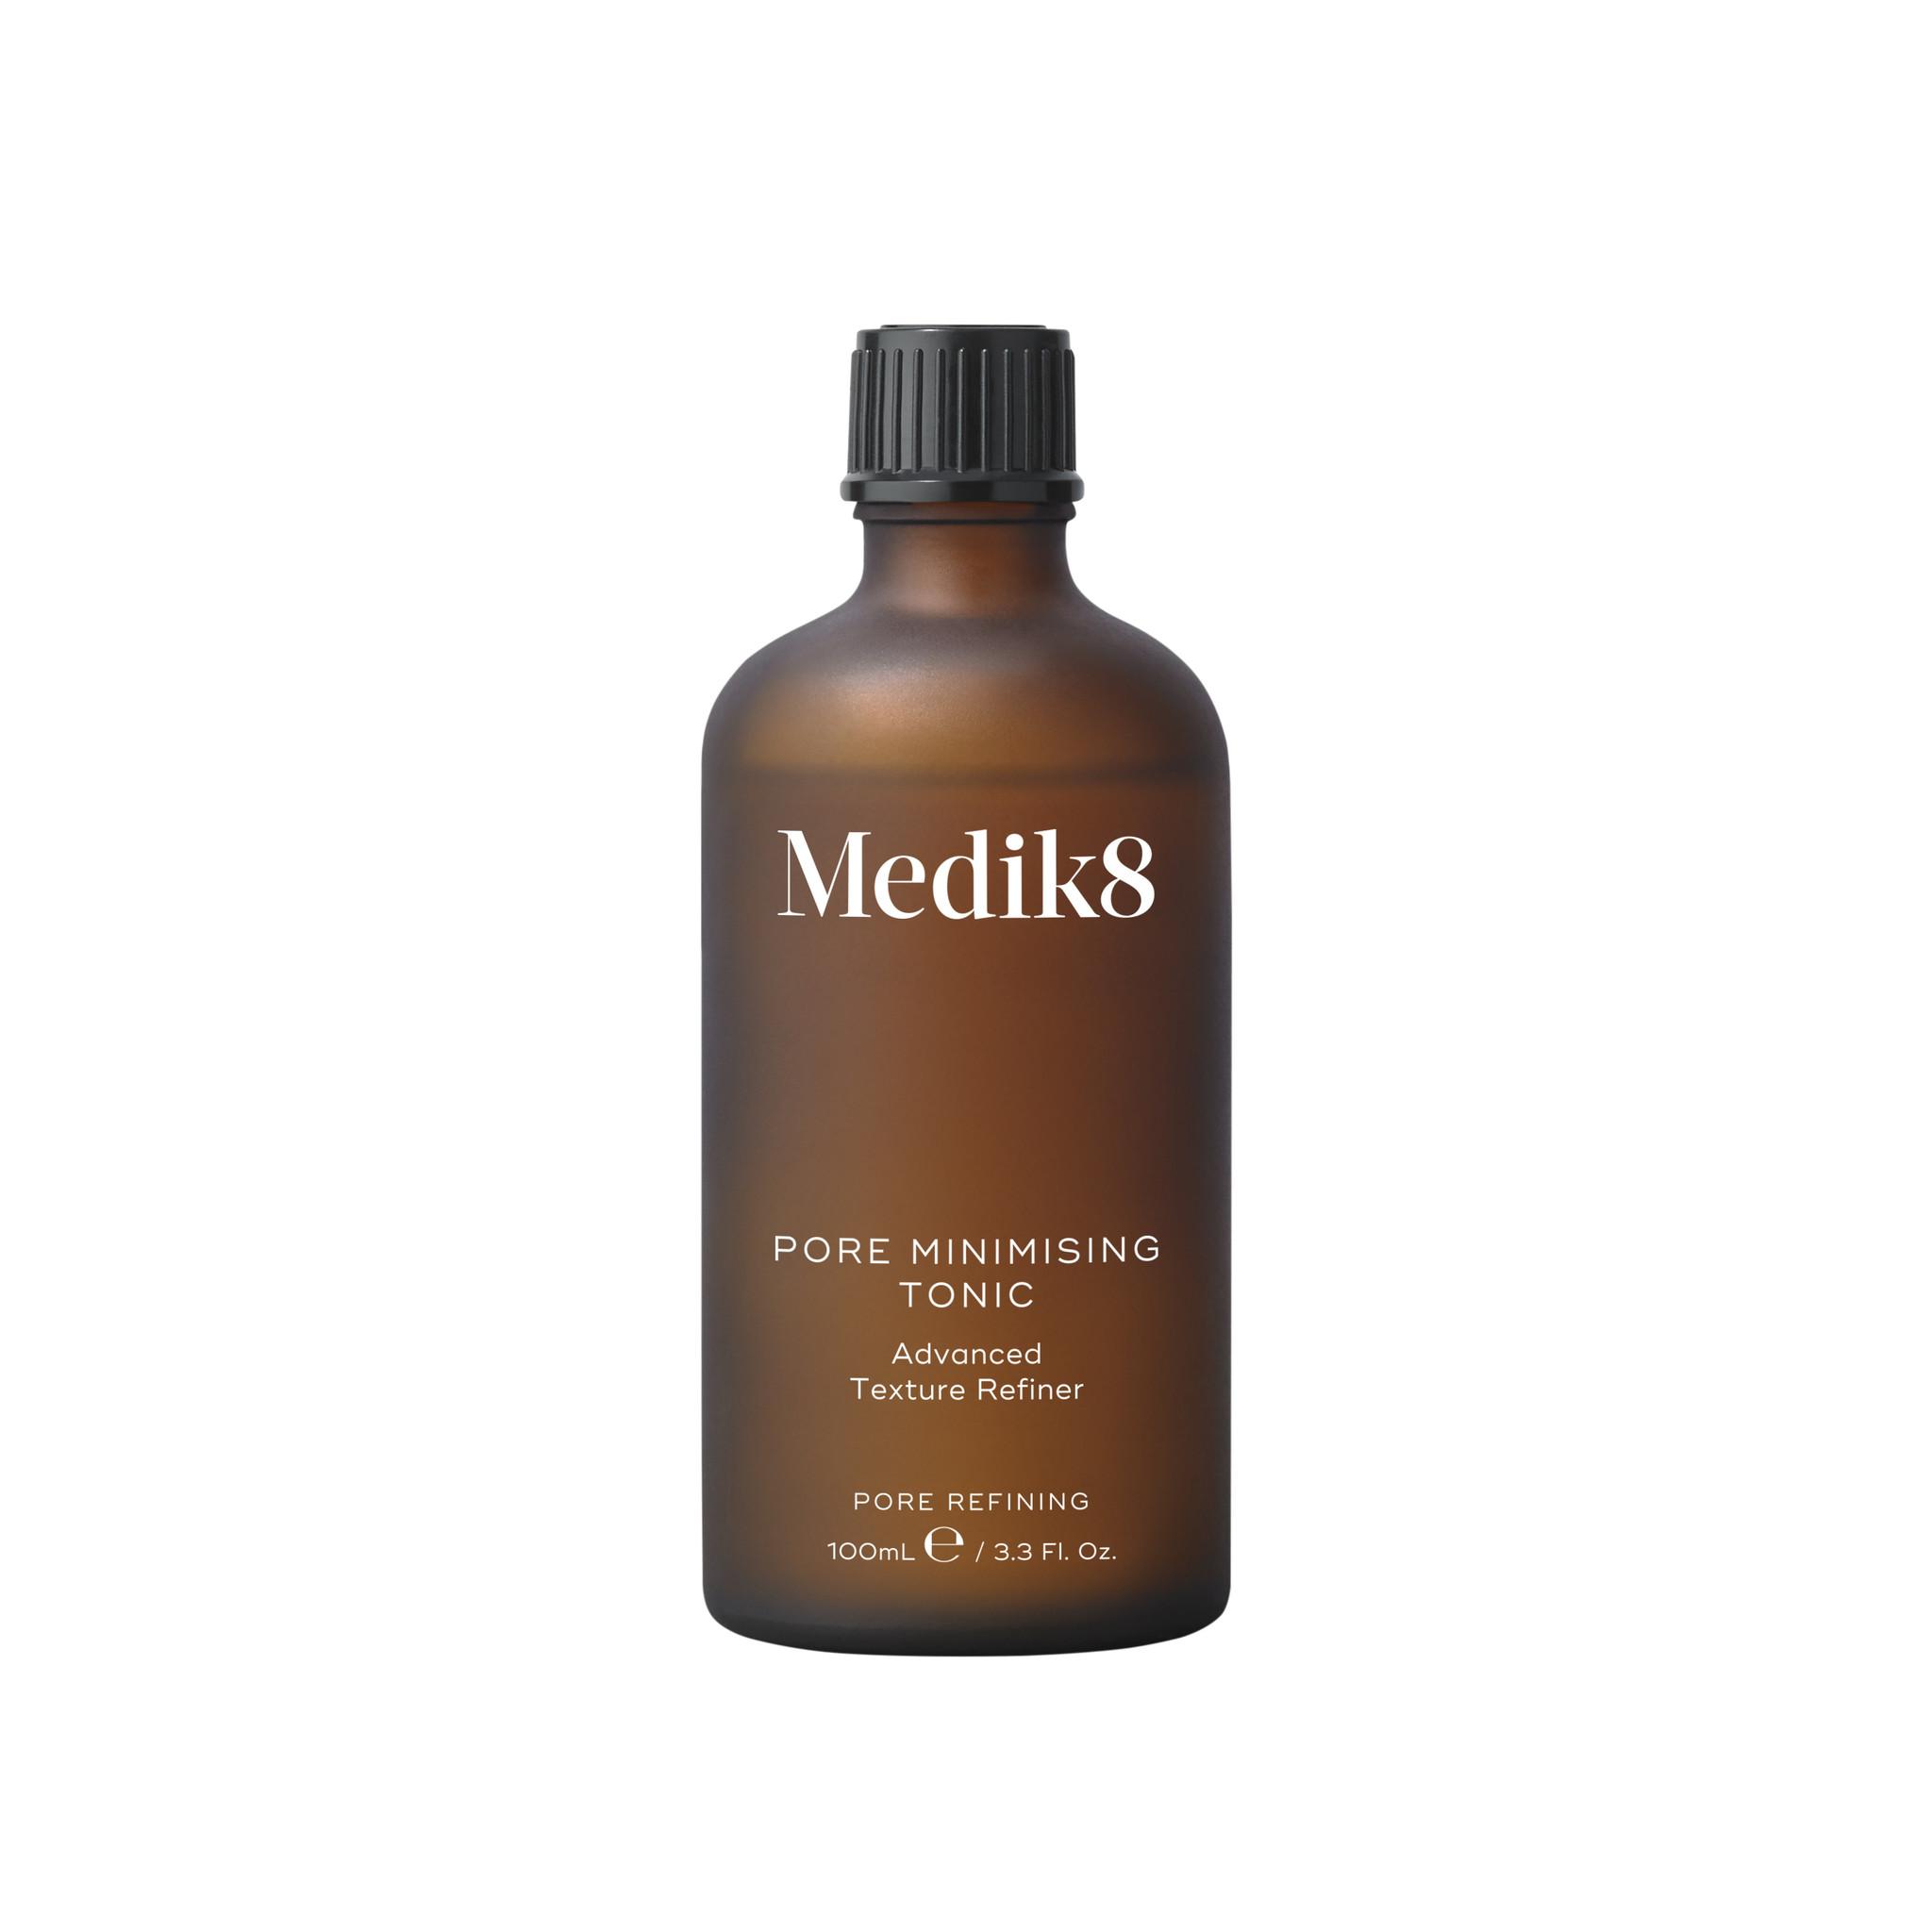 Medik8 Pore Minimising Tonic | Advanced Texture Refiner | 100ml